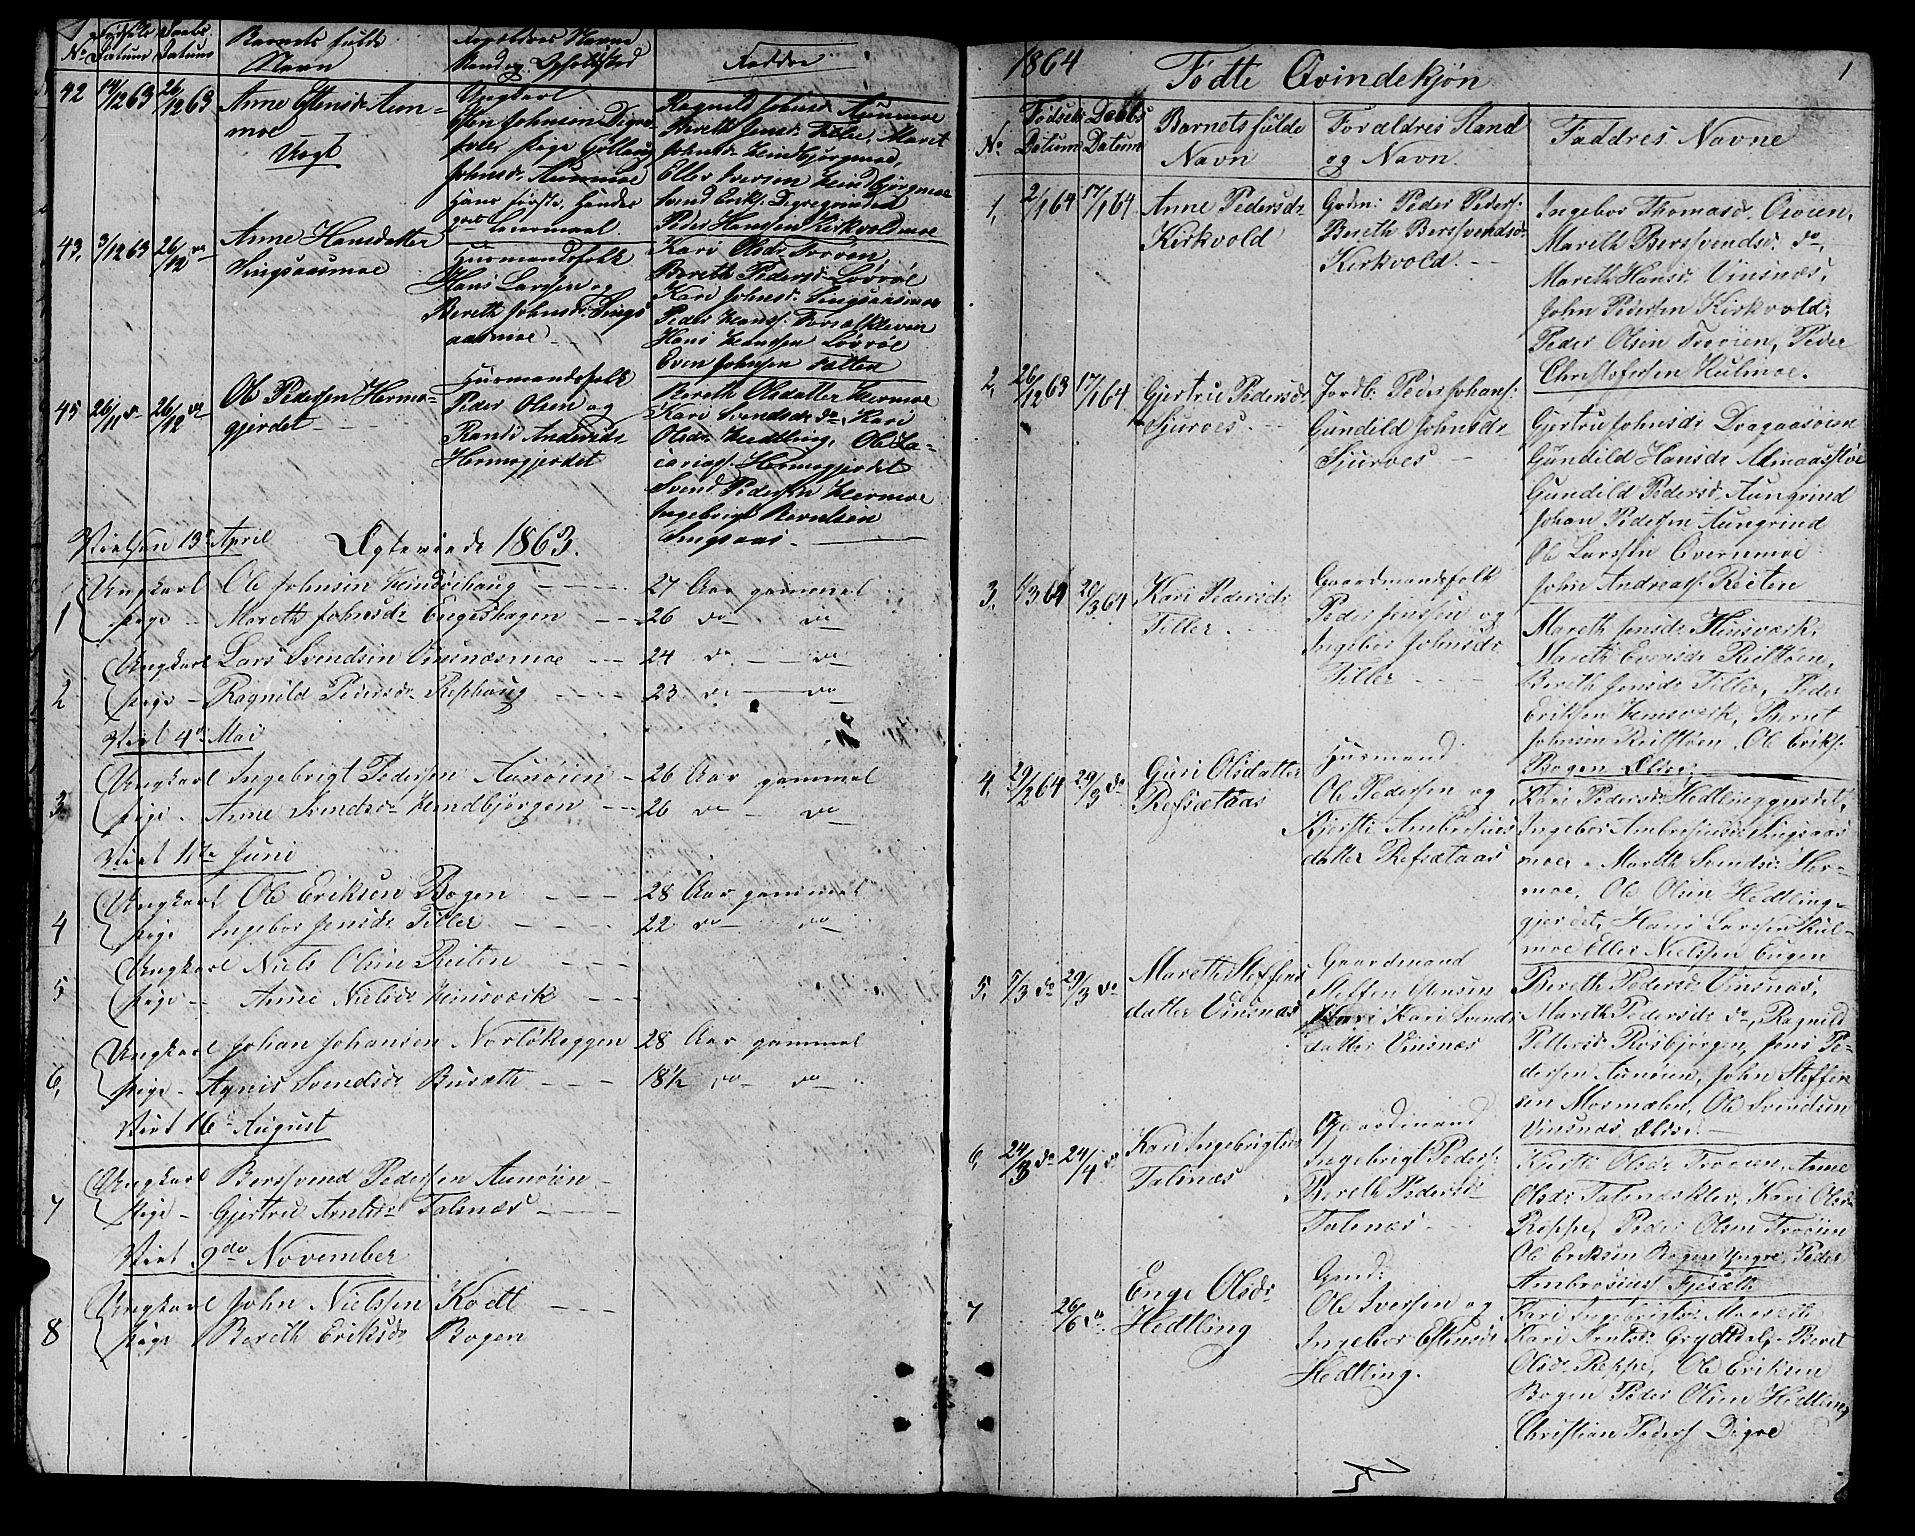 SAT, Ministerialprotokoller, klokkerbøker og fødselsregistre - Sør-Trøndelag, 688/L1027: Klokkerbok nr. 688C02, 1861-1889, s. 0-1